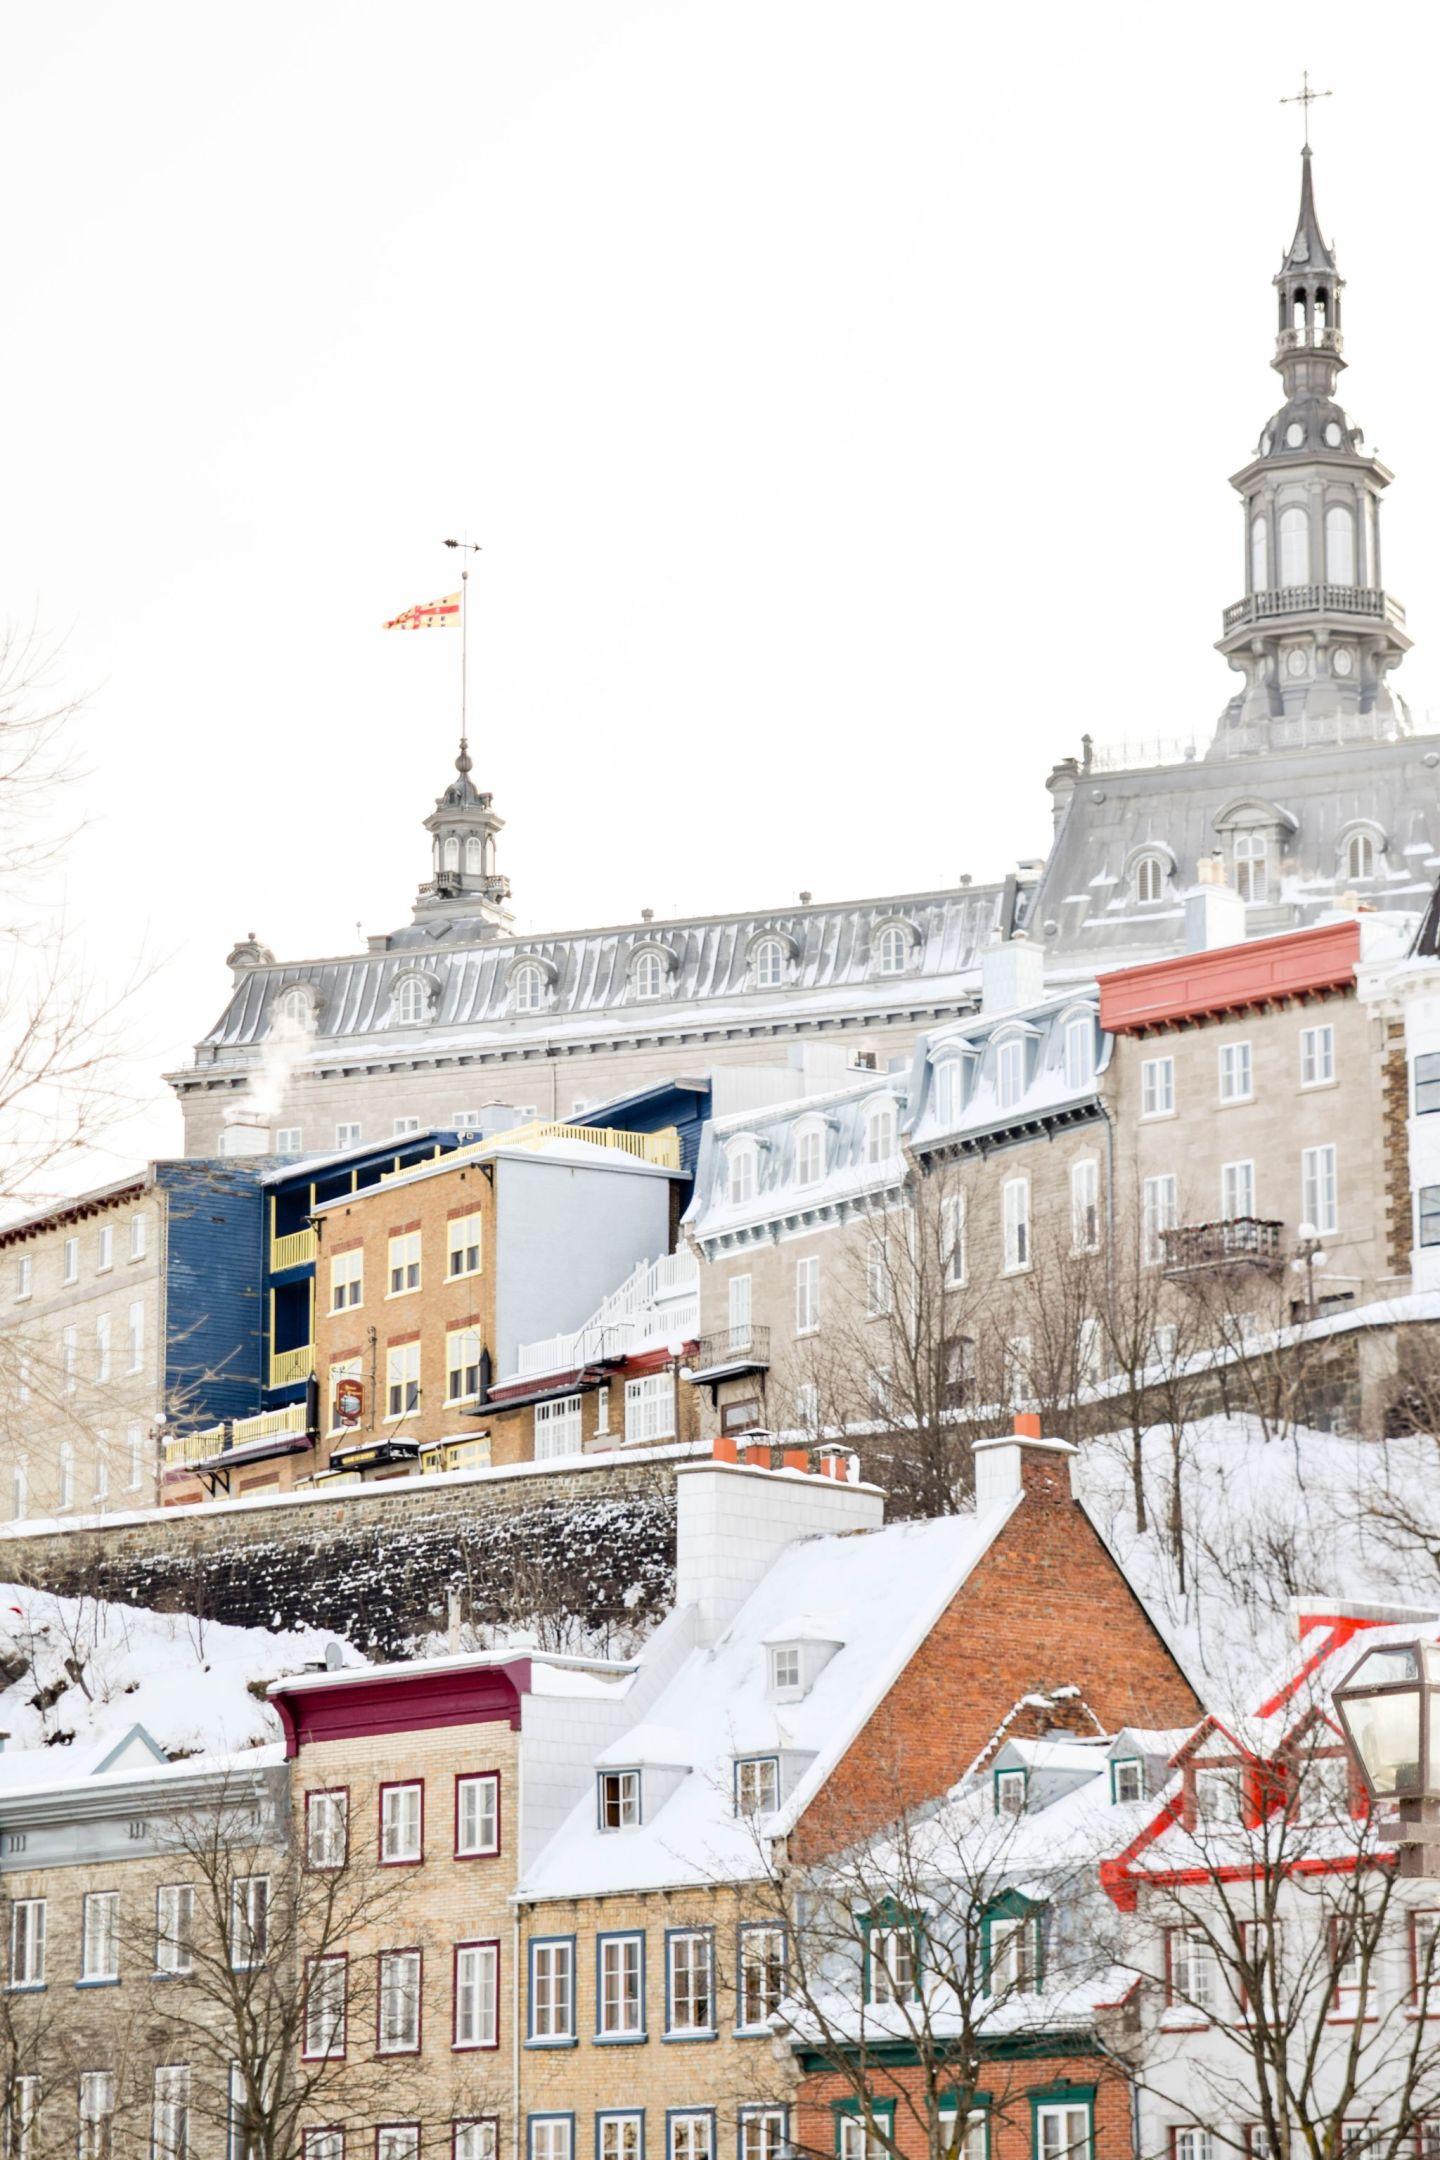 winter weekend in québec city - old québec